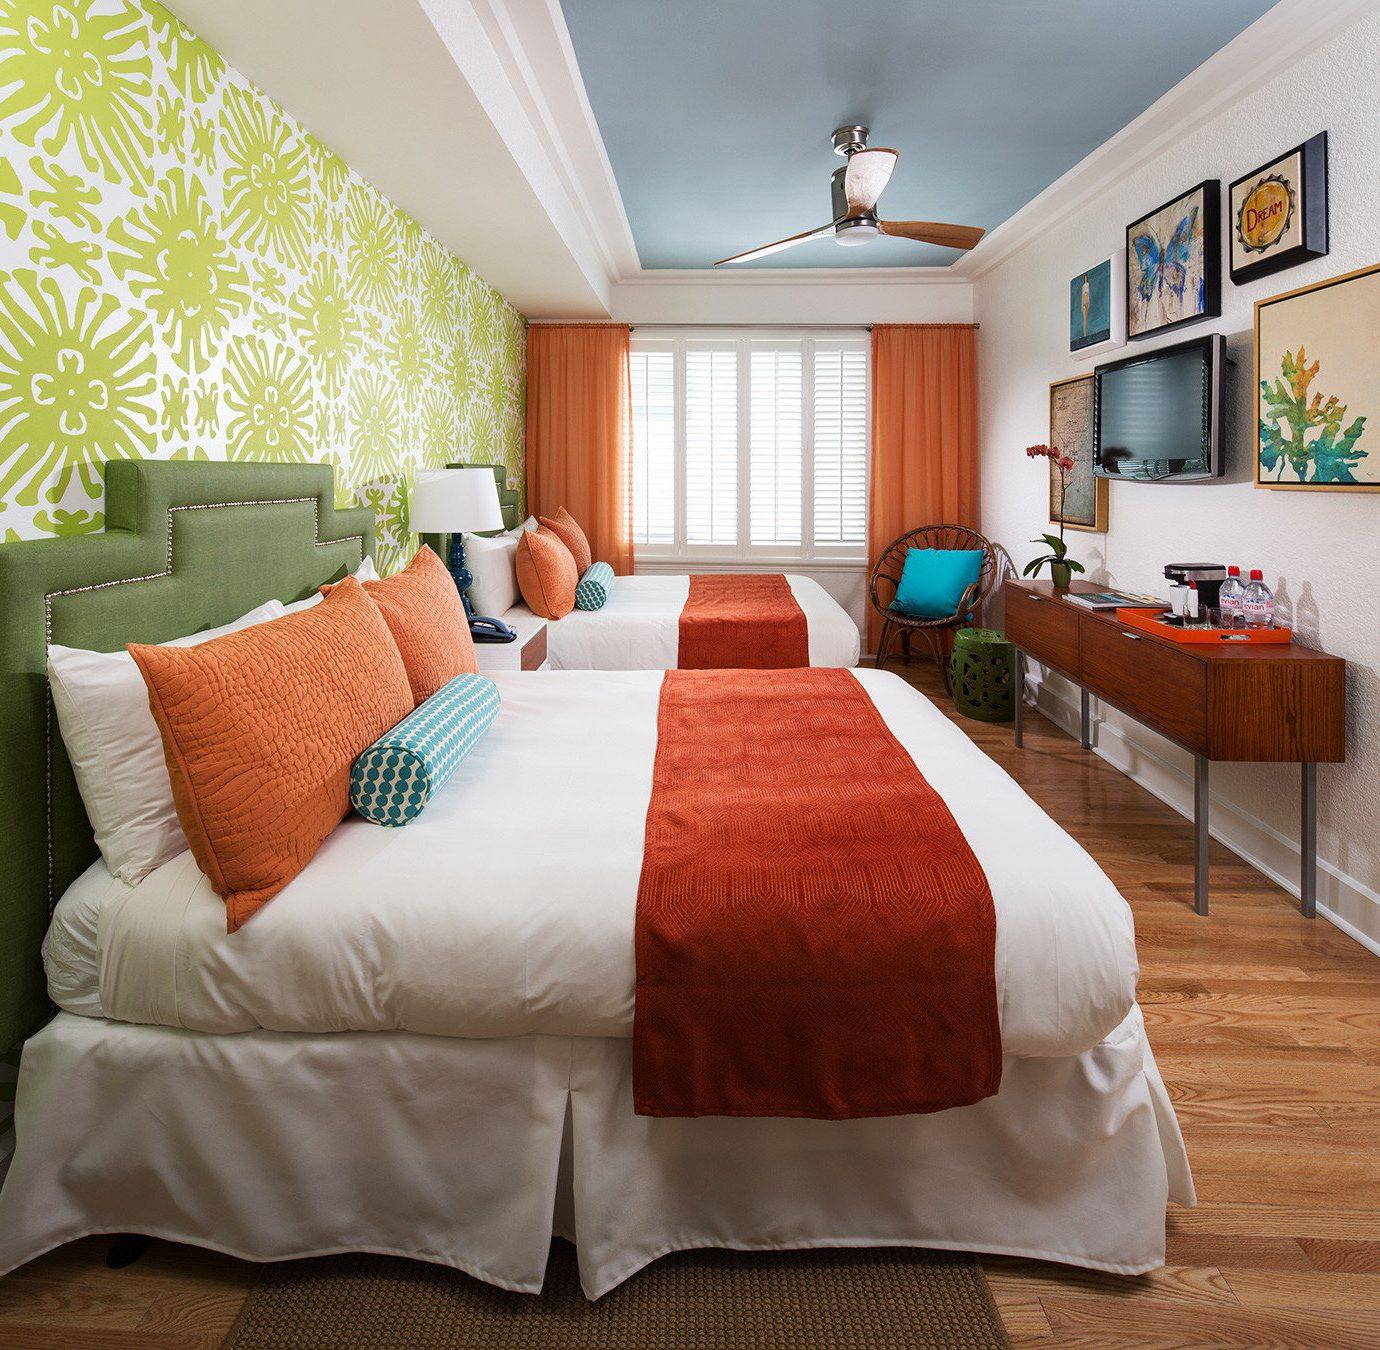 Bedroom Hip Luxury Modern Suite property cottage hardwood bed sheet home living room